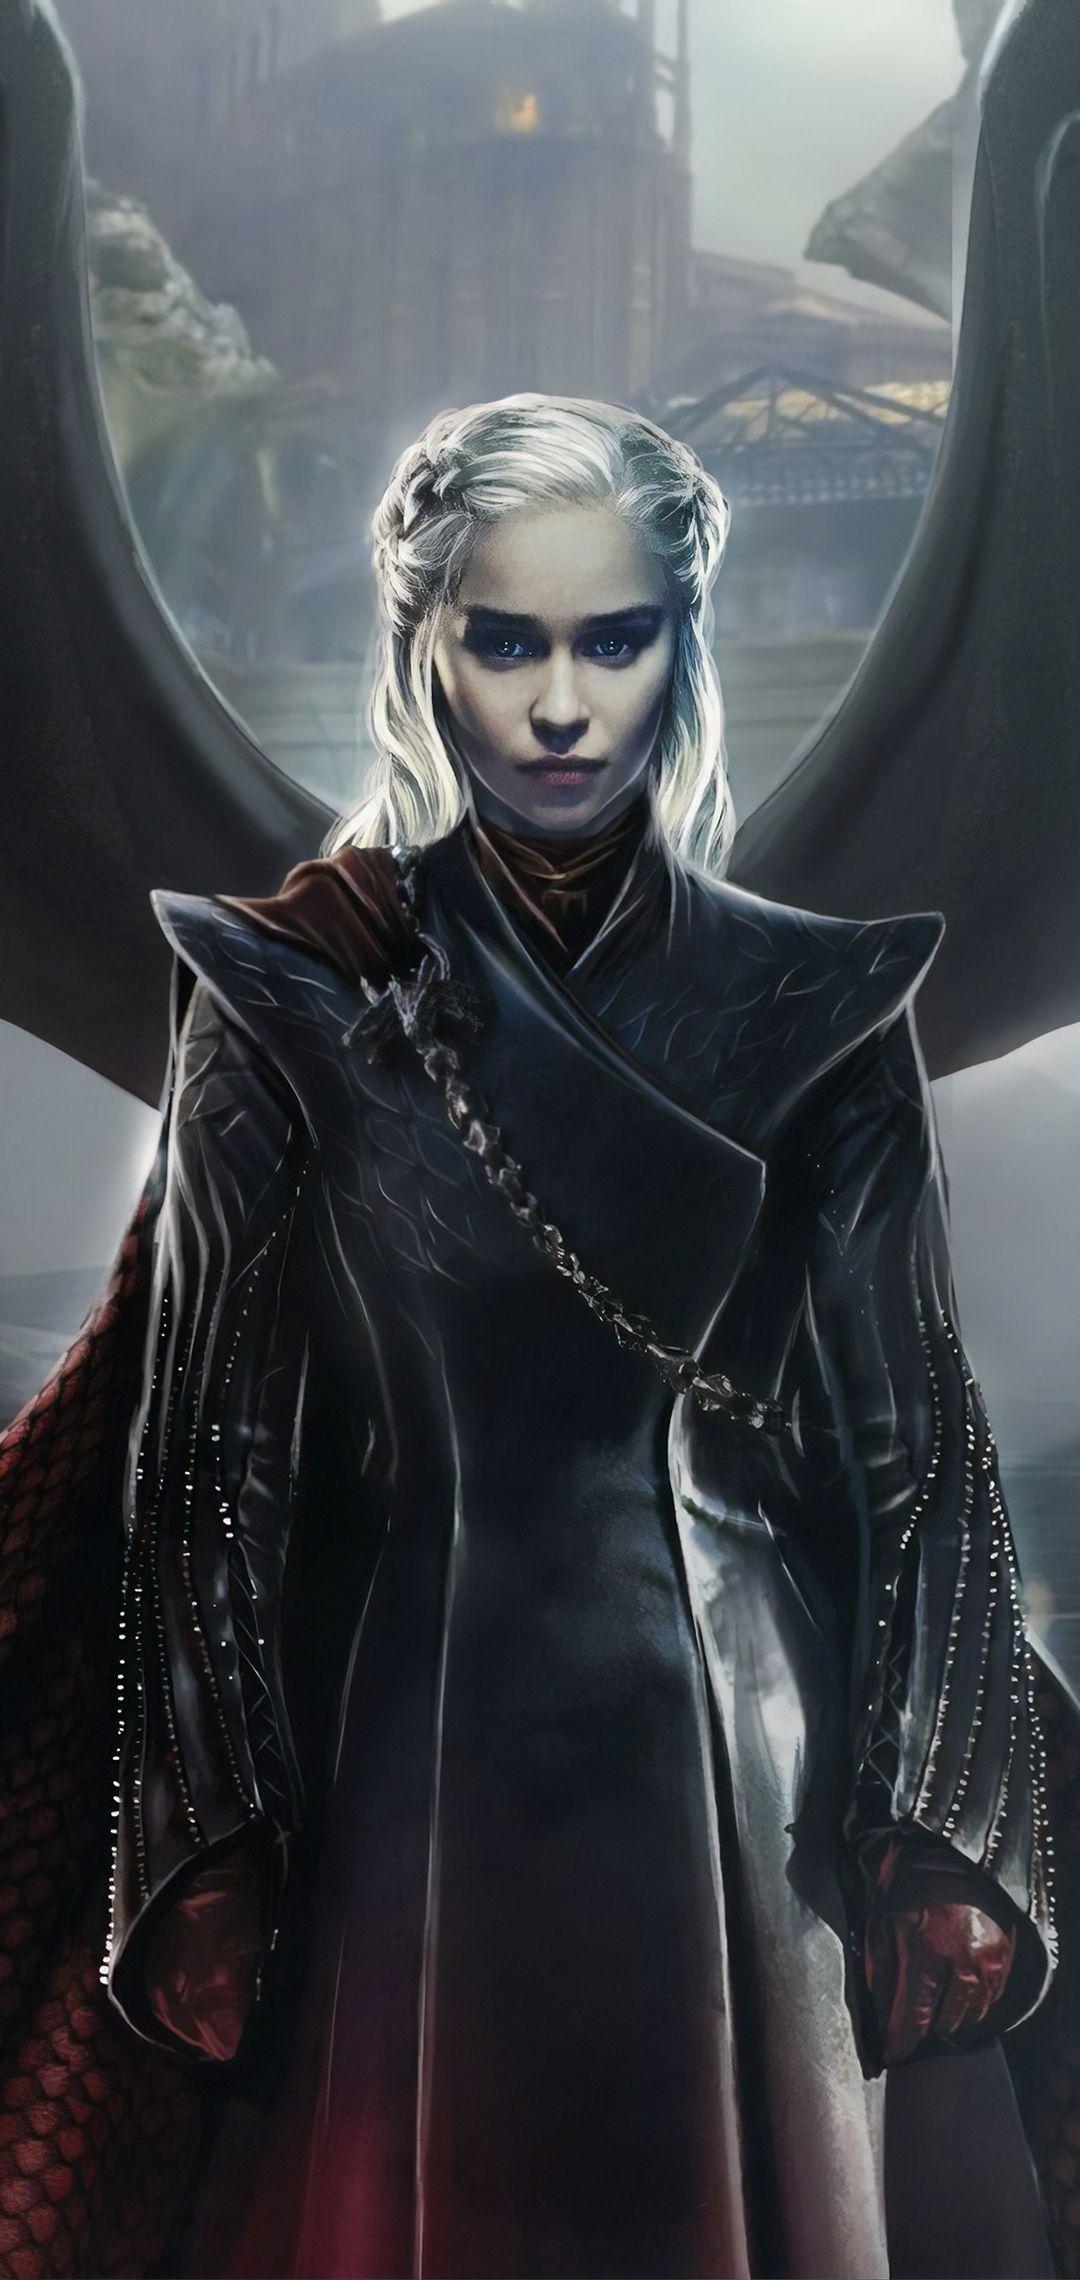 Daenerys Targaryen Game Of Thrones Mobile Wallpaper Daenerys Targaryen Art Targaryen Art Daenerys Targaryen